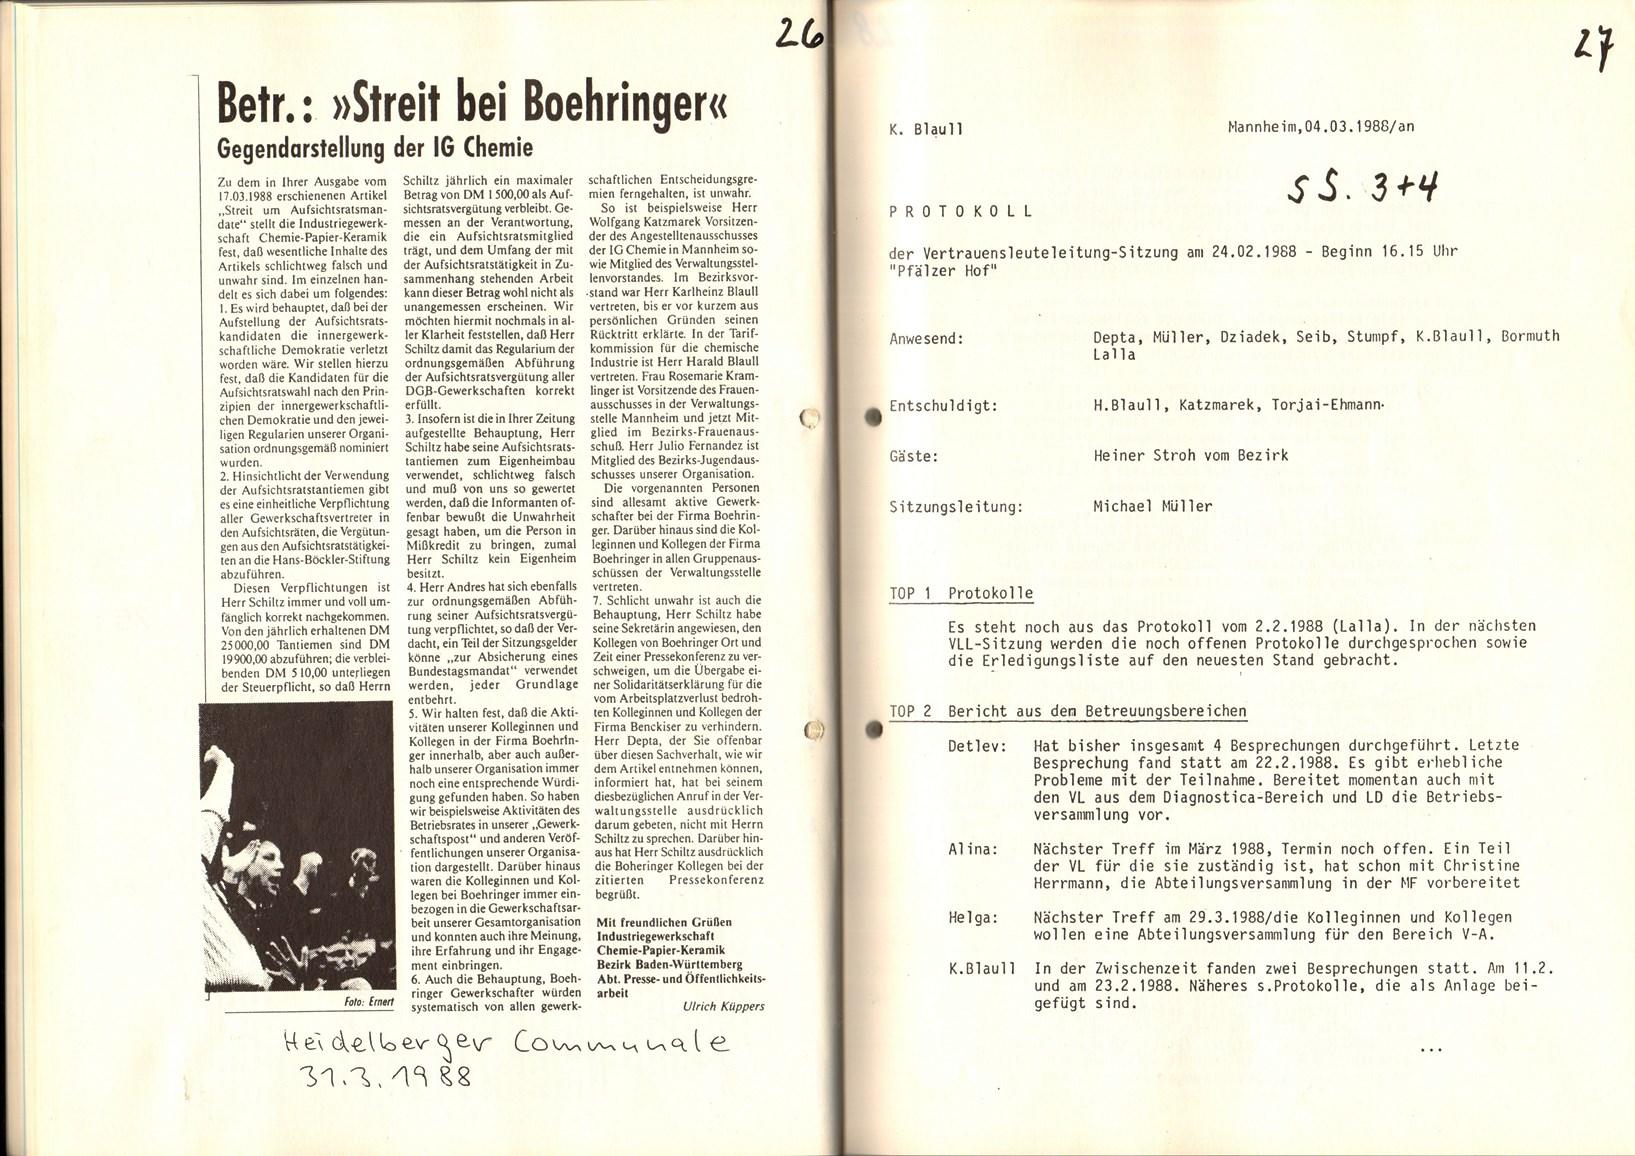 Mannheim_Boehringer_Ausschluss_VKL_Doku1_1988_34